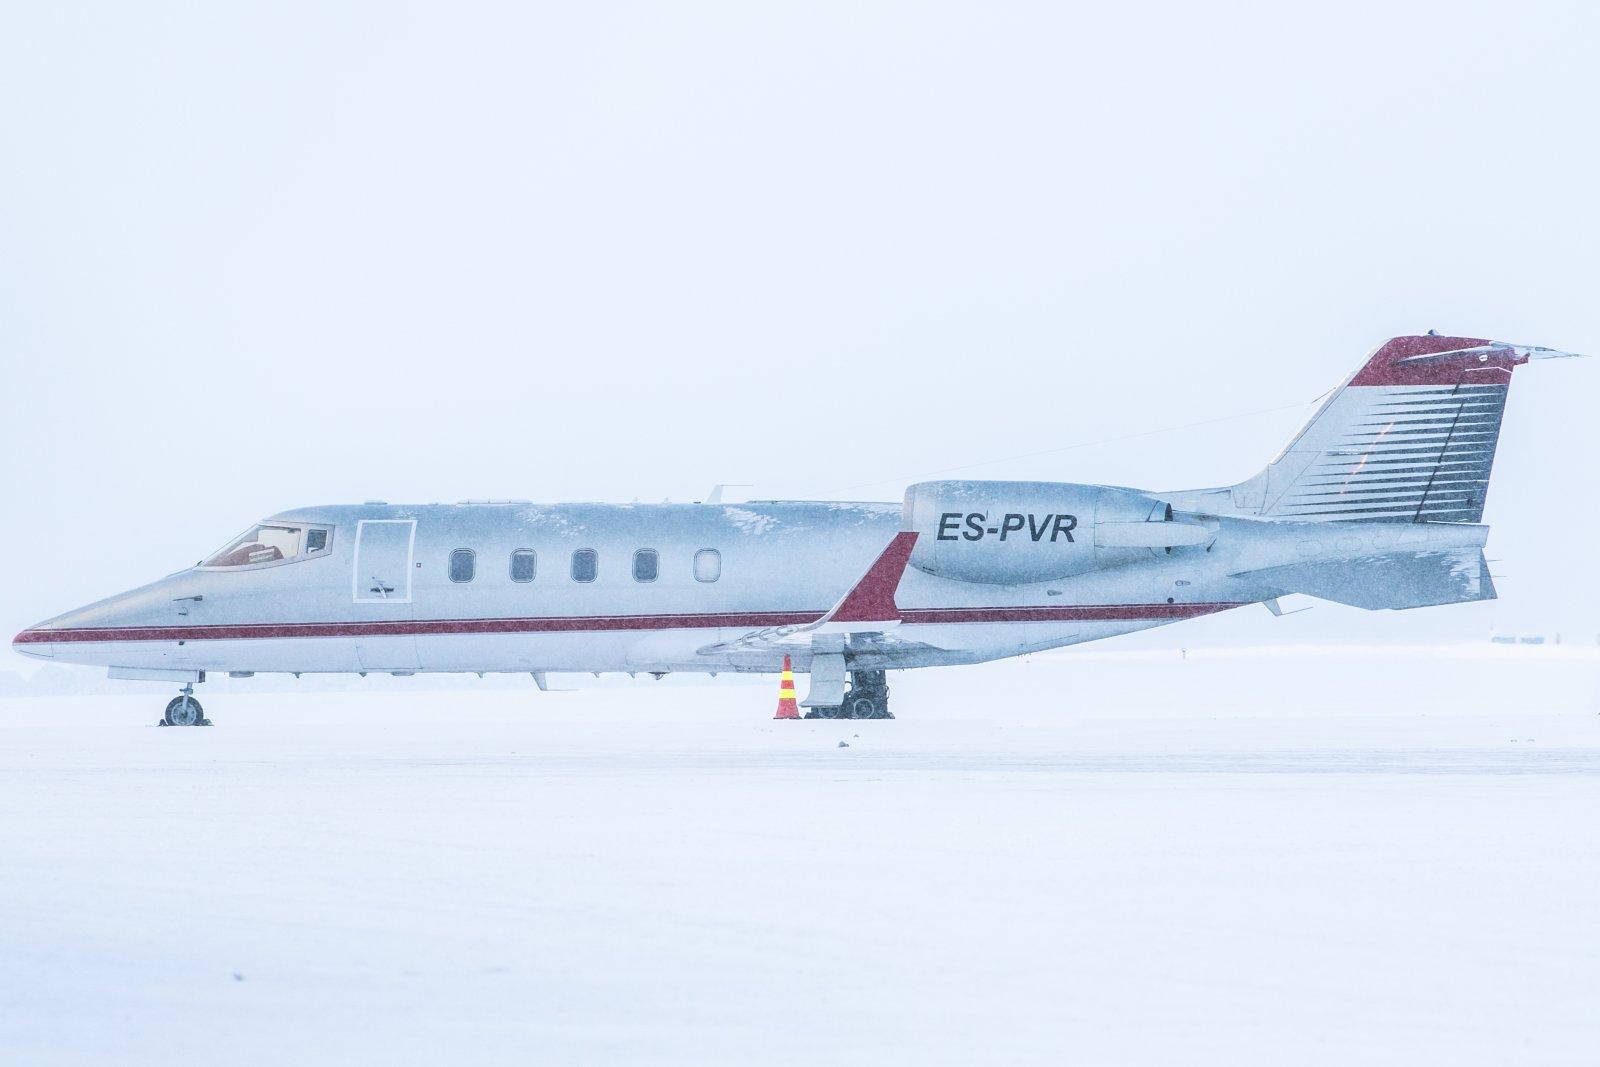 ES-PVR. Learjet 60XR. 7.2.2019